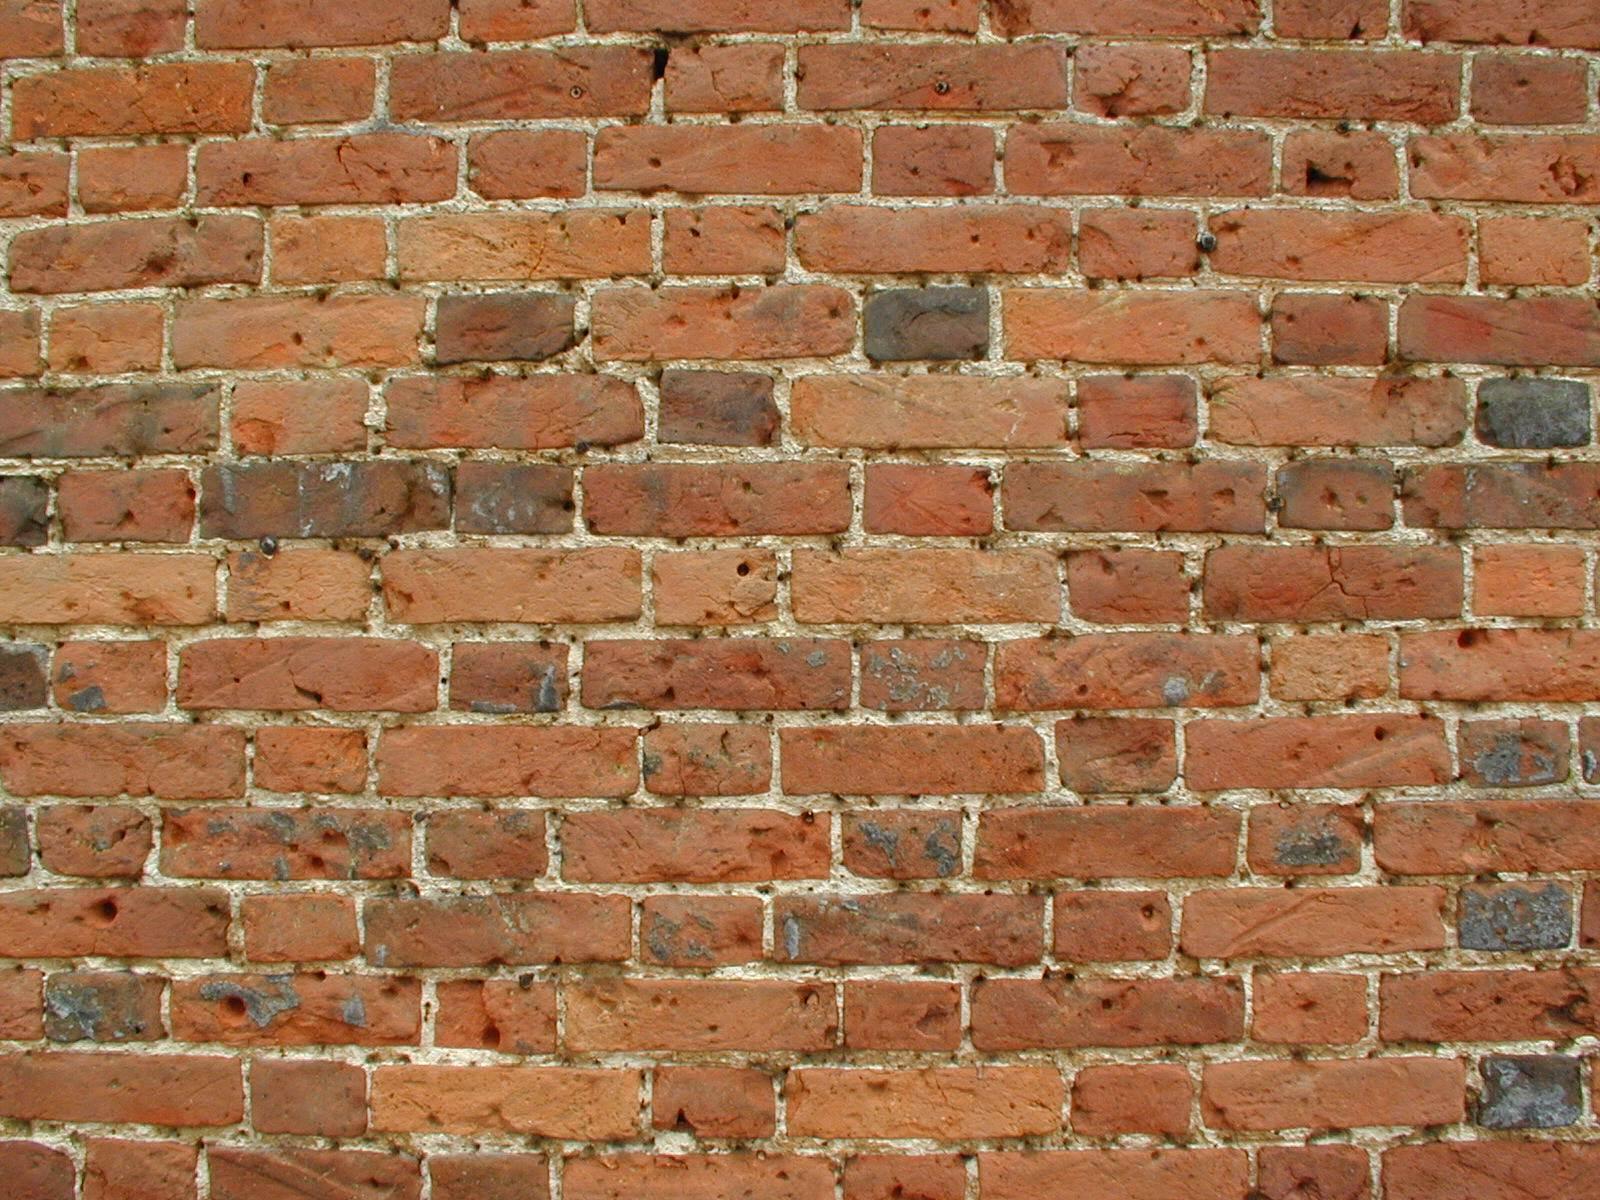 http://2.bp.blogspot.com/-C4Py3QDewmA/Td8HQzGhbcI/AAAAAAAAALU/BeVowacOJiA/s1600/brick_wall.jpg